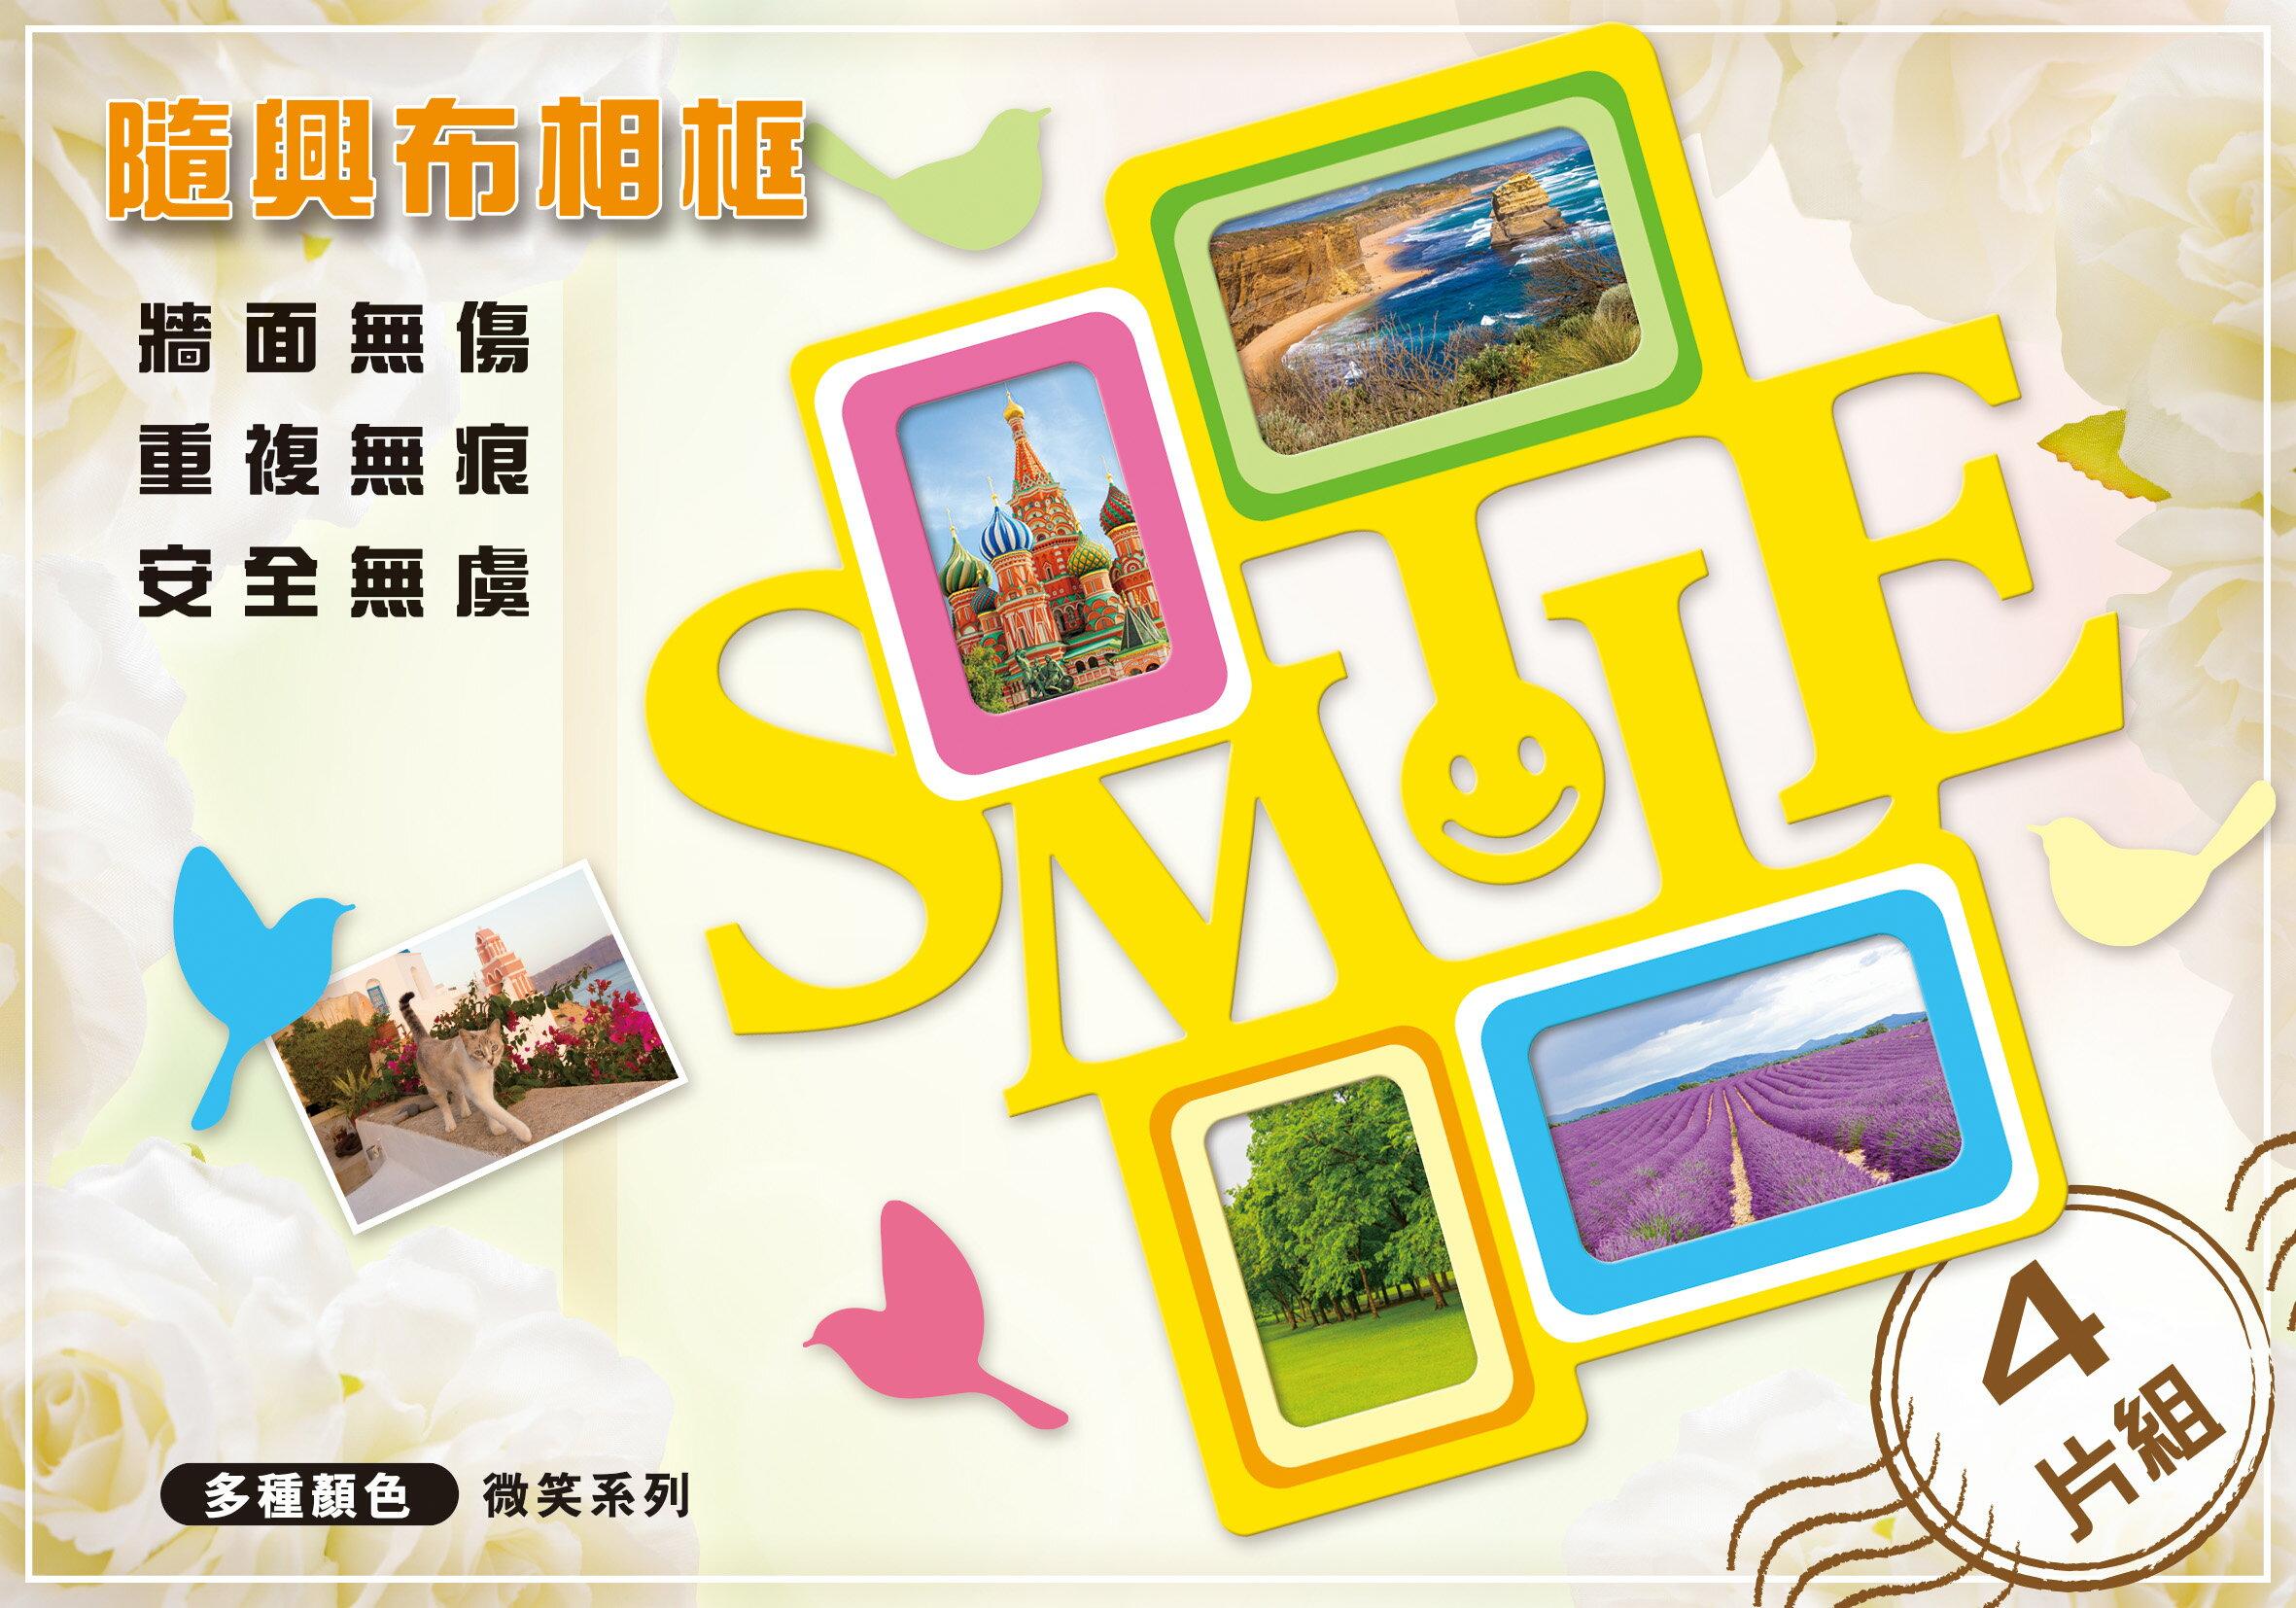 大威寶龍【隨興布相框】微笑系列4片組 / 無痕自黏相框-布面裝飾壁貼不殘膠-照片牆 相片牆 重覆貼) 0